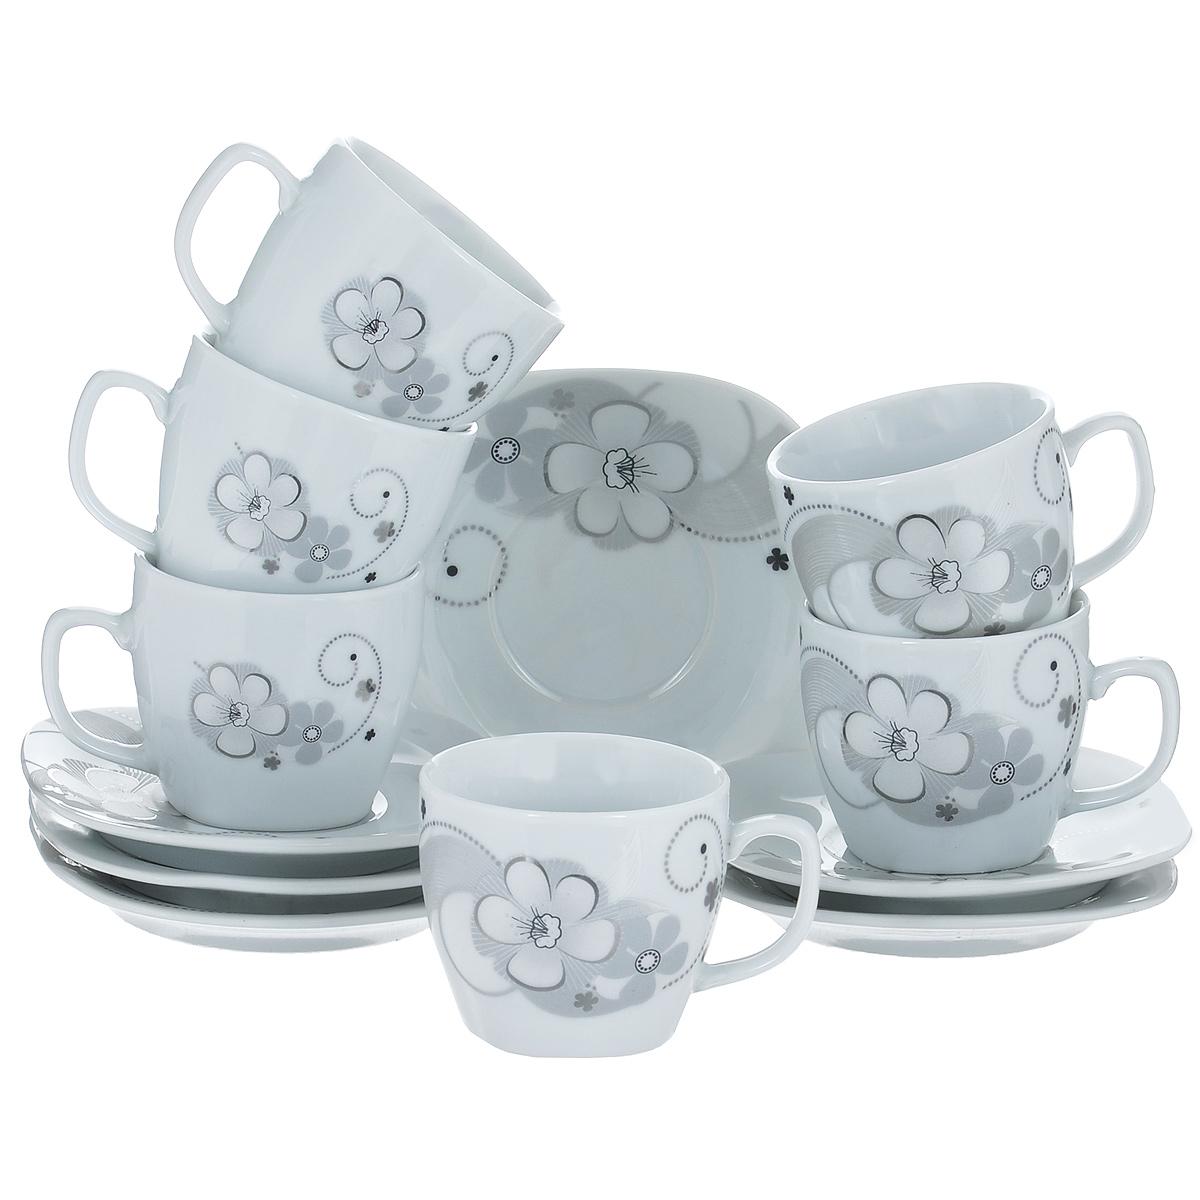 Набор кофейный Bekker, 12 предметовBK-6813Набор кофейный Bekker состоит из 6 чашек и 6 блюдец. Чашки и блюдца изготовлены из высококачественного фарфора с изображением цветов. Такой дизайн, несомненно, придется по вкусу и ценителям классики, и тем, кто предпочитает утонченность и изящность. Набор кофейный на подставке Bekkerукрасит ваш кухонный стол, а также станет замечательным подарком к любому празднику. Набор упакован в подарочную коробку из плотного цветного картона. Внутренняя часть коробки задрапирована белой атласной тканью, и каждый предмет надежно крепится в определенном положении благодаря особым выемкам в коробке. Можно мыть в посудомоечной машине.